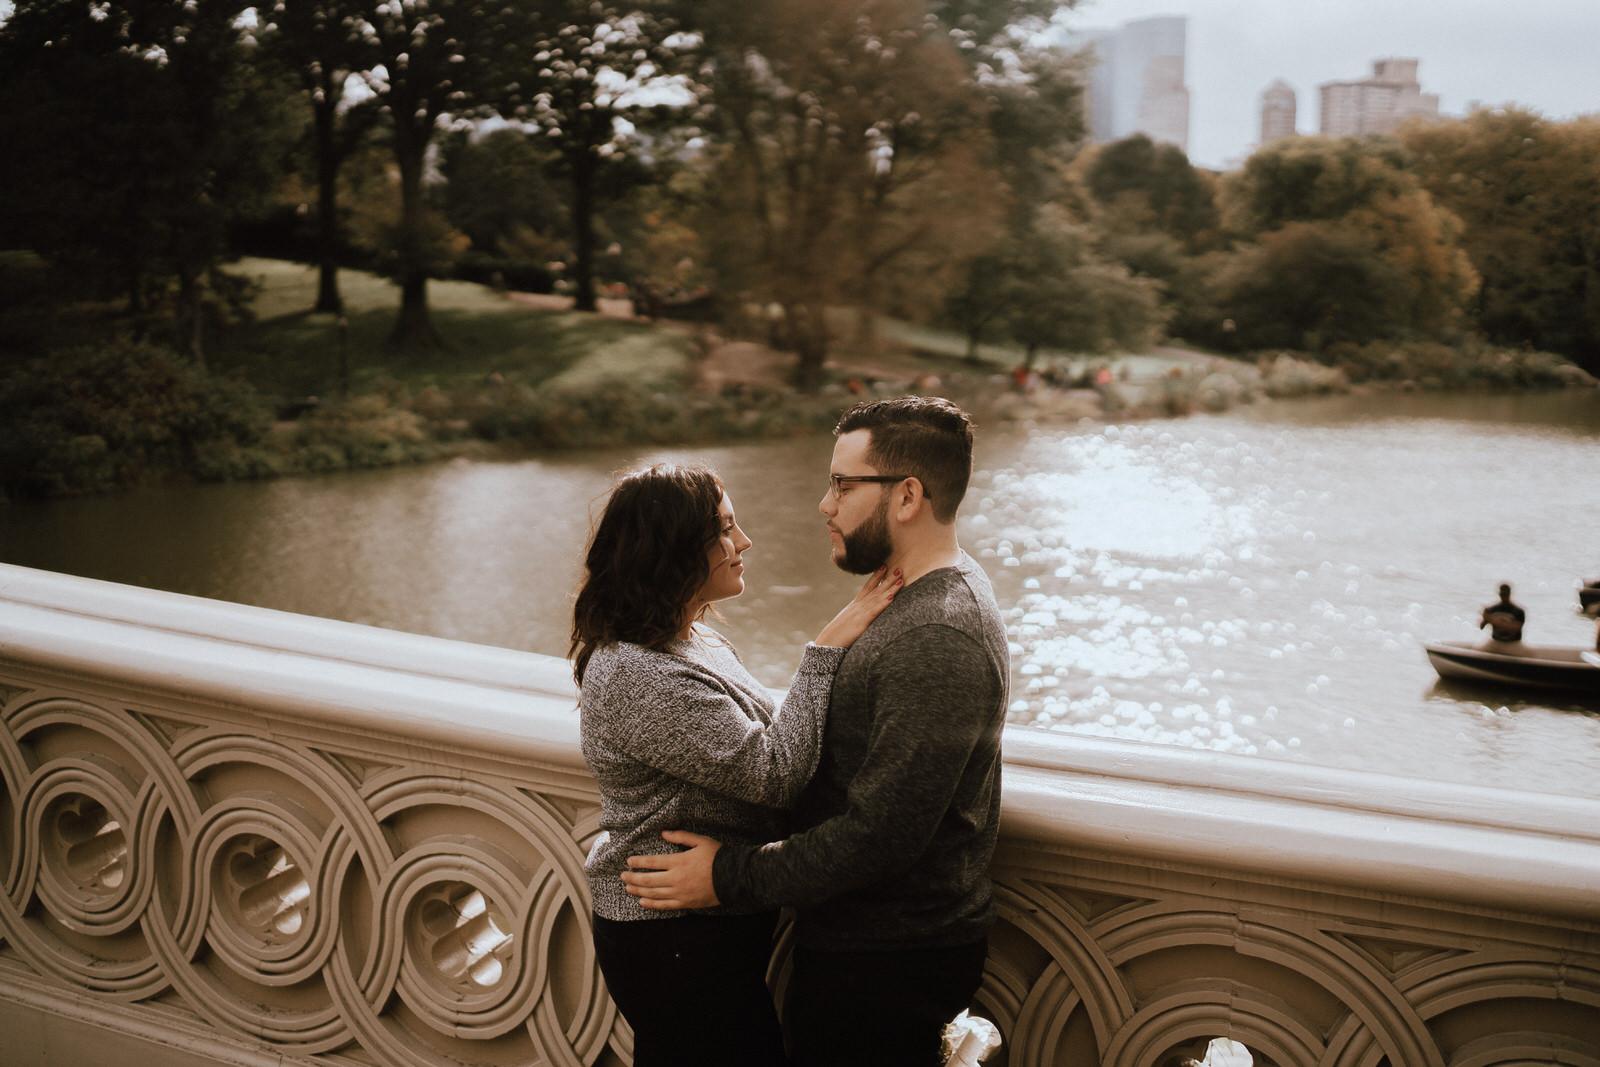 Central Park Engagement Photos-Bow Bridge-Michelle Gonzalez Photography-Alyssa and Cecilio-55.JPG